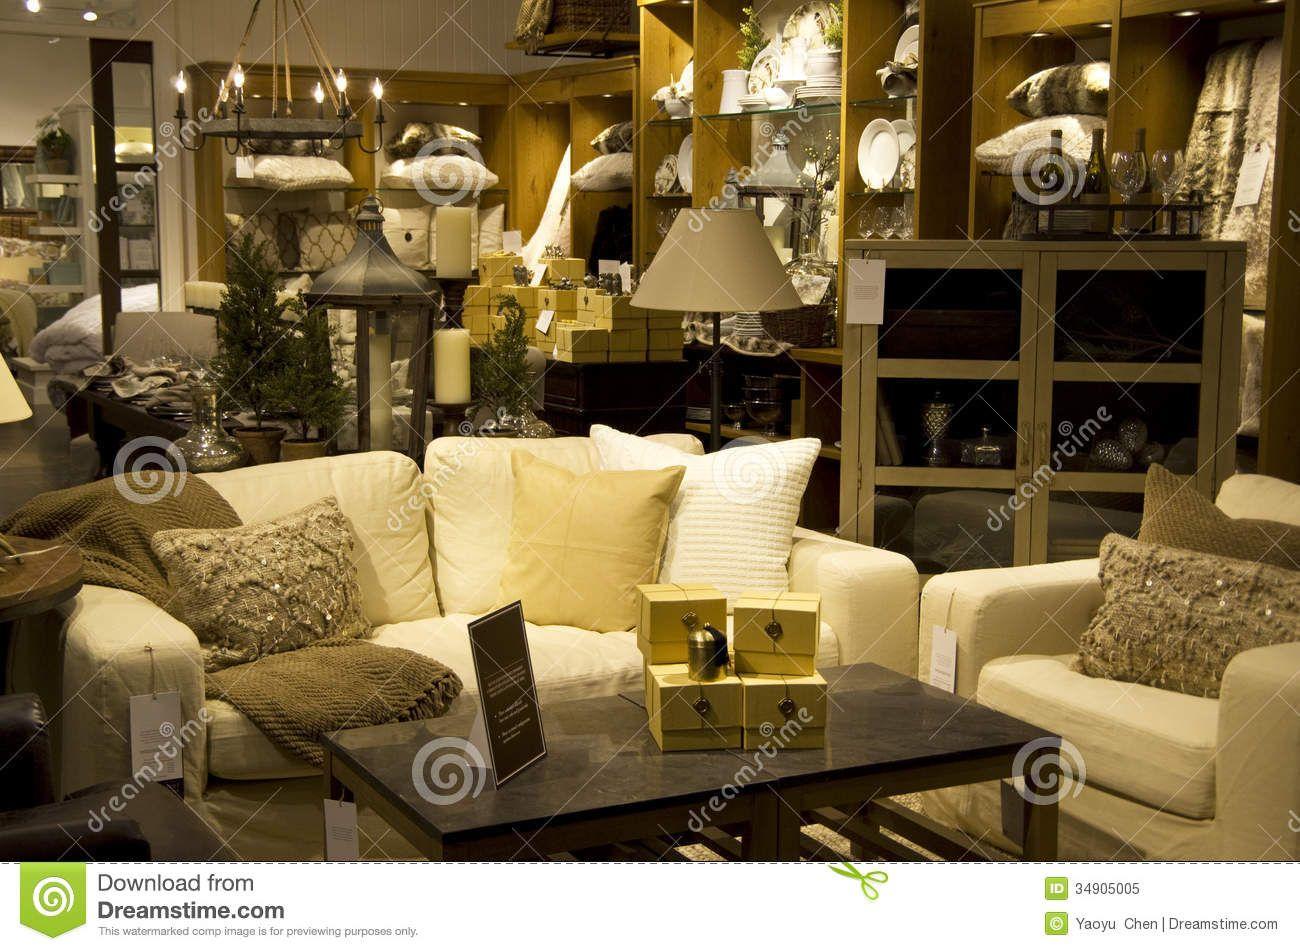 Furniture And Home Decor Part - 16: Home Decor Furniture Store Home Decor Outlet And Furniture For | Home  Decoration Ideas | Pinterest | Decorazioni, Notizie E Casa